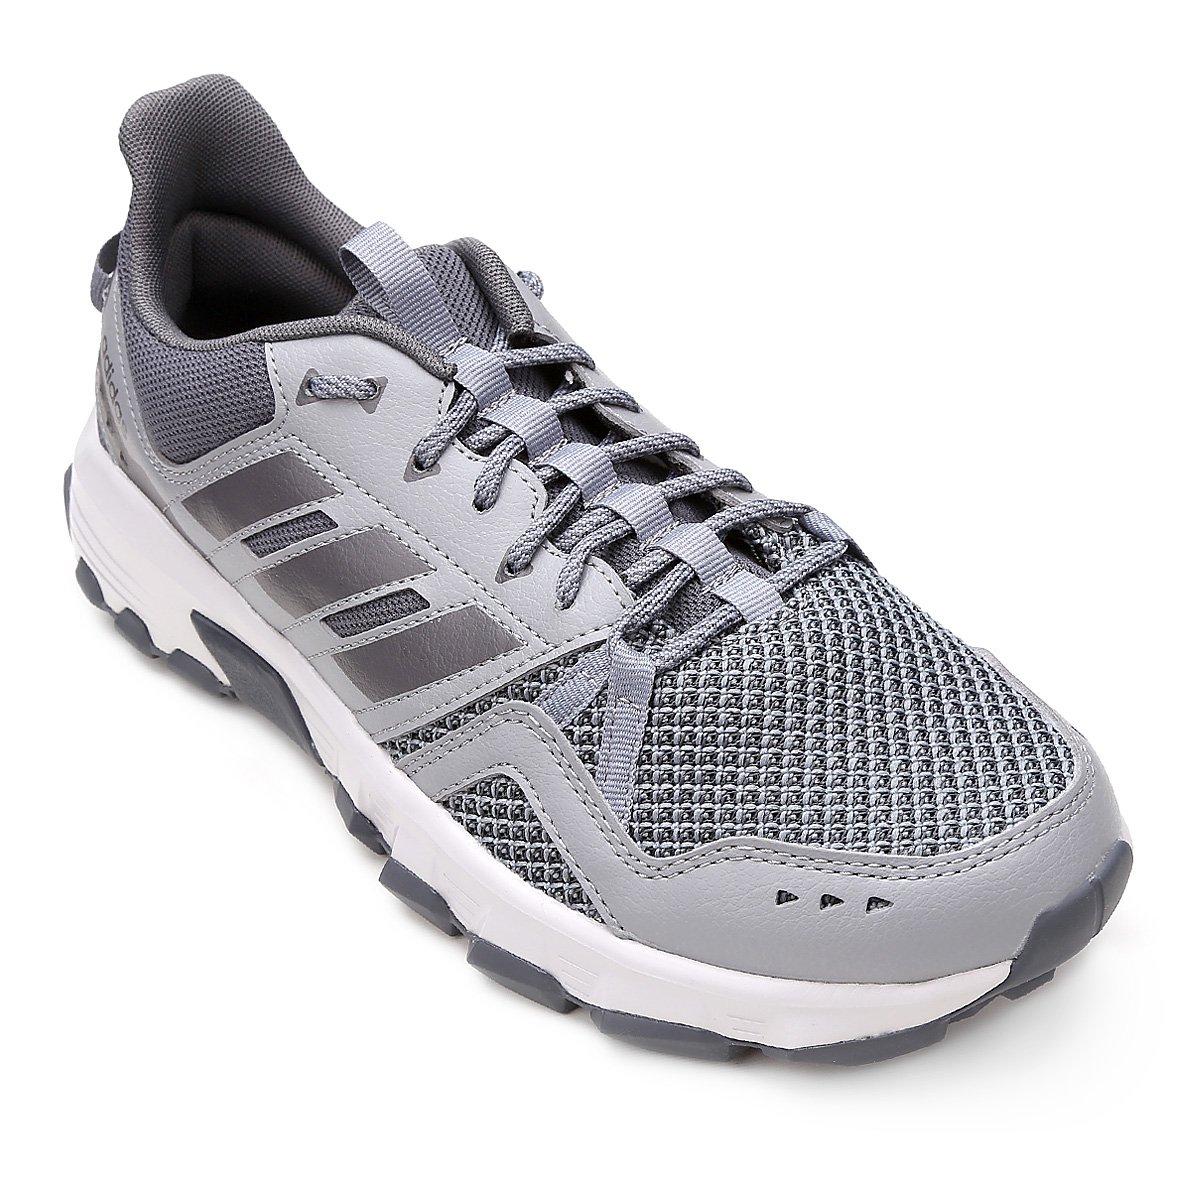 design atemporal Nova york calçado desportivo adidas trilha